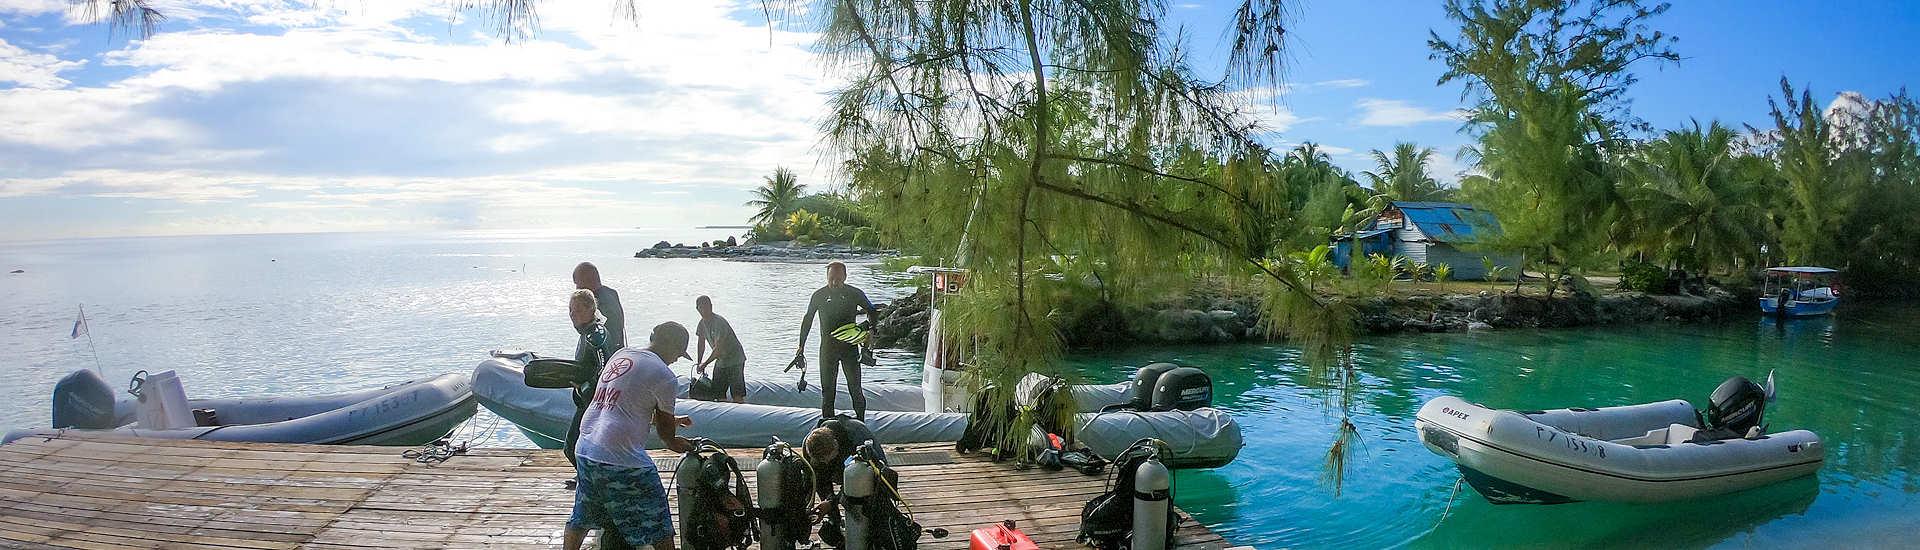 Vorbereitungen zum nächsten Tauchgang – The Six Passengers, Rangiroa